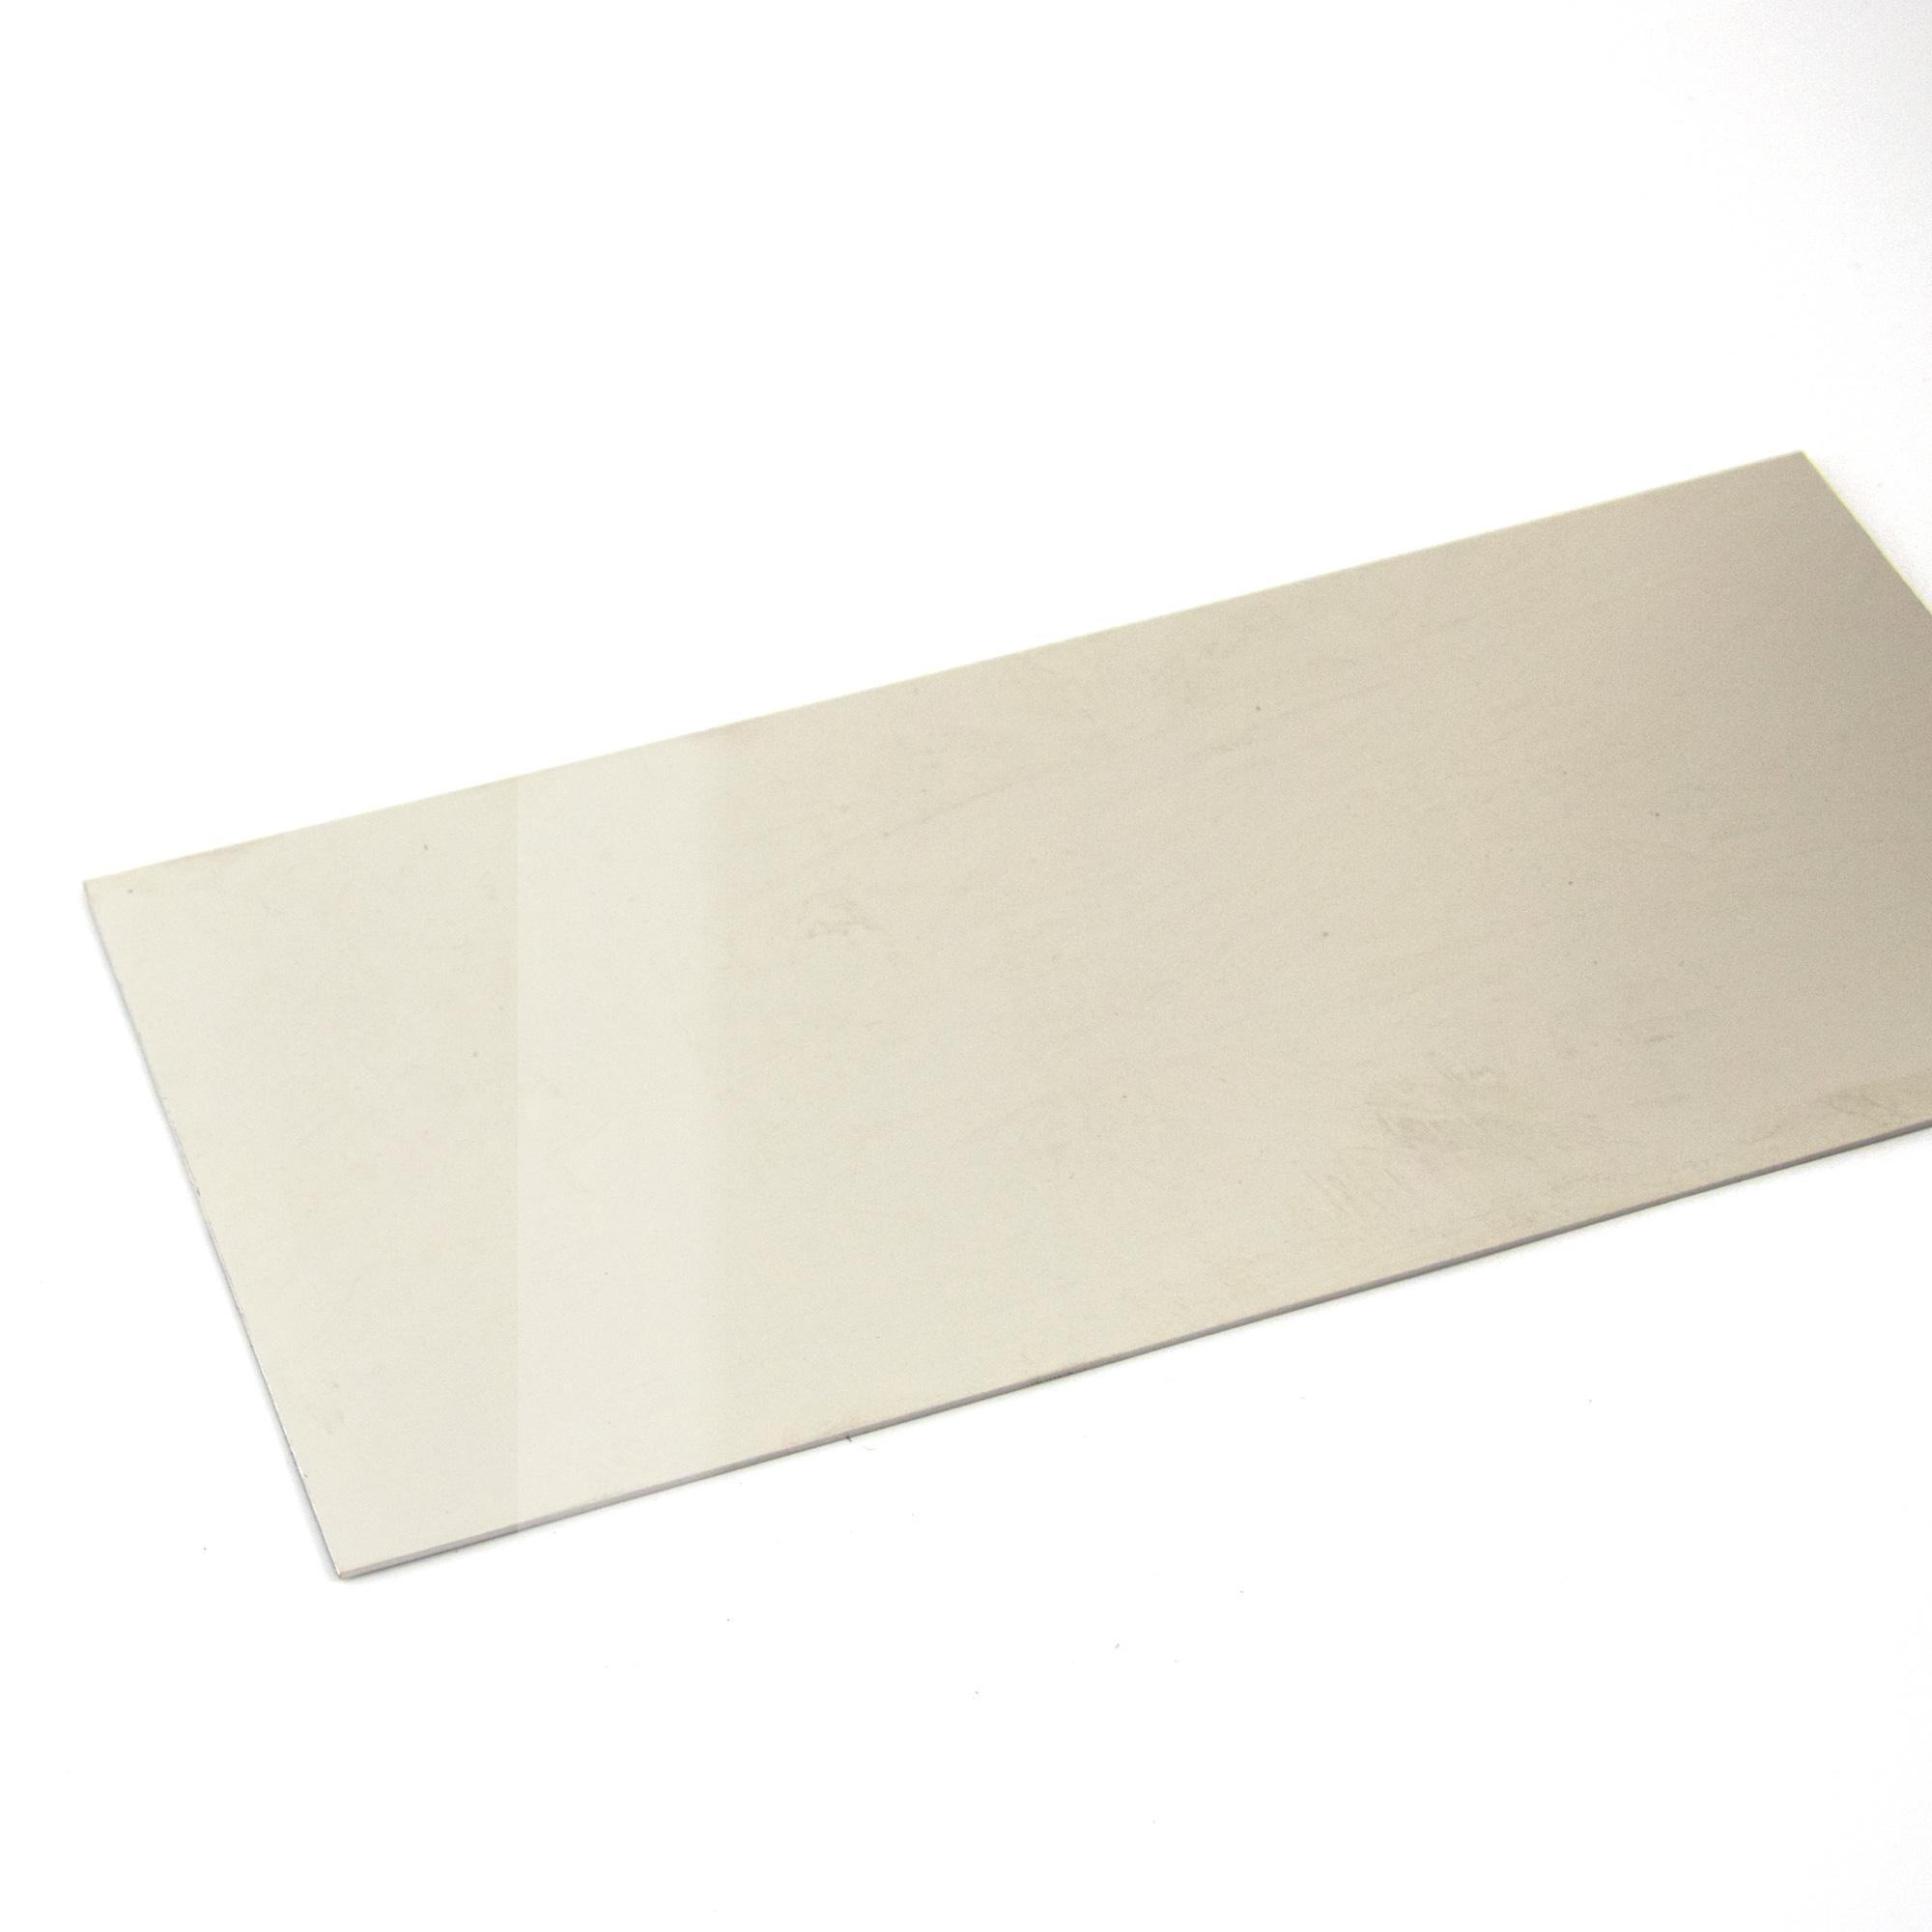 Acciaio inox finitura specchio - bordi tagliati al laser